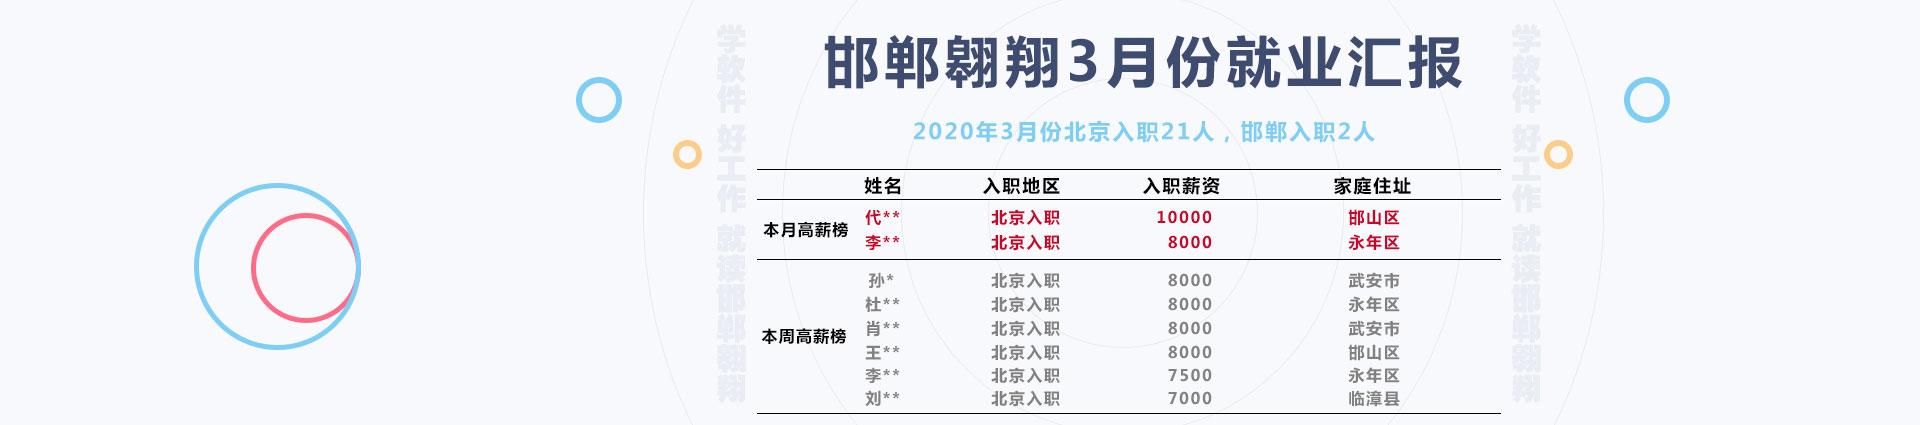 邯郸翱翔本周就业排行榜